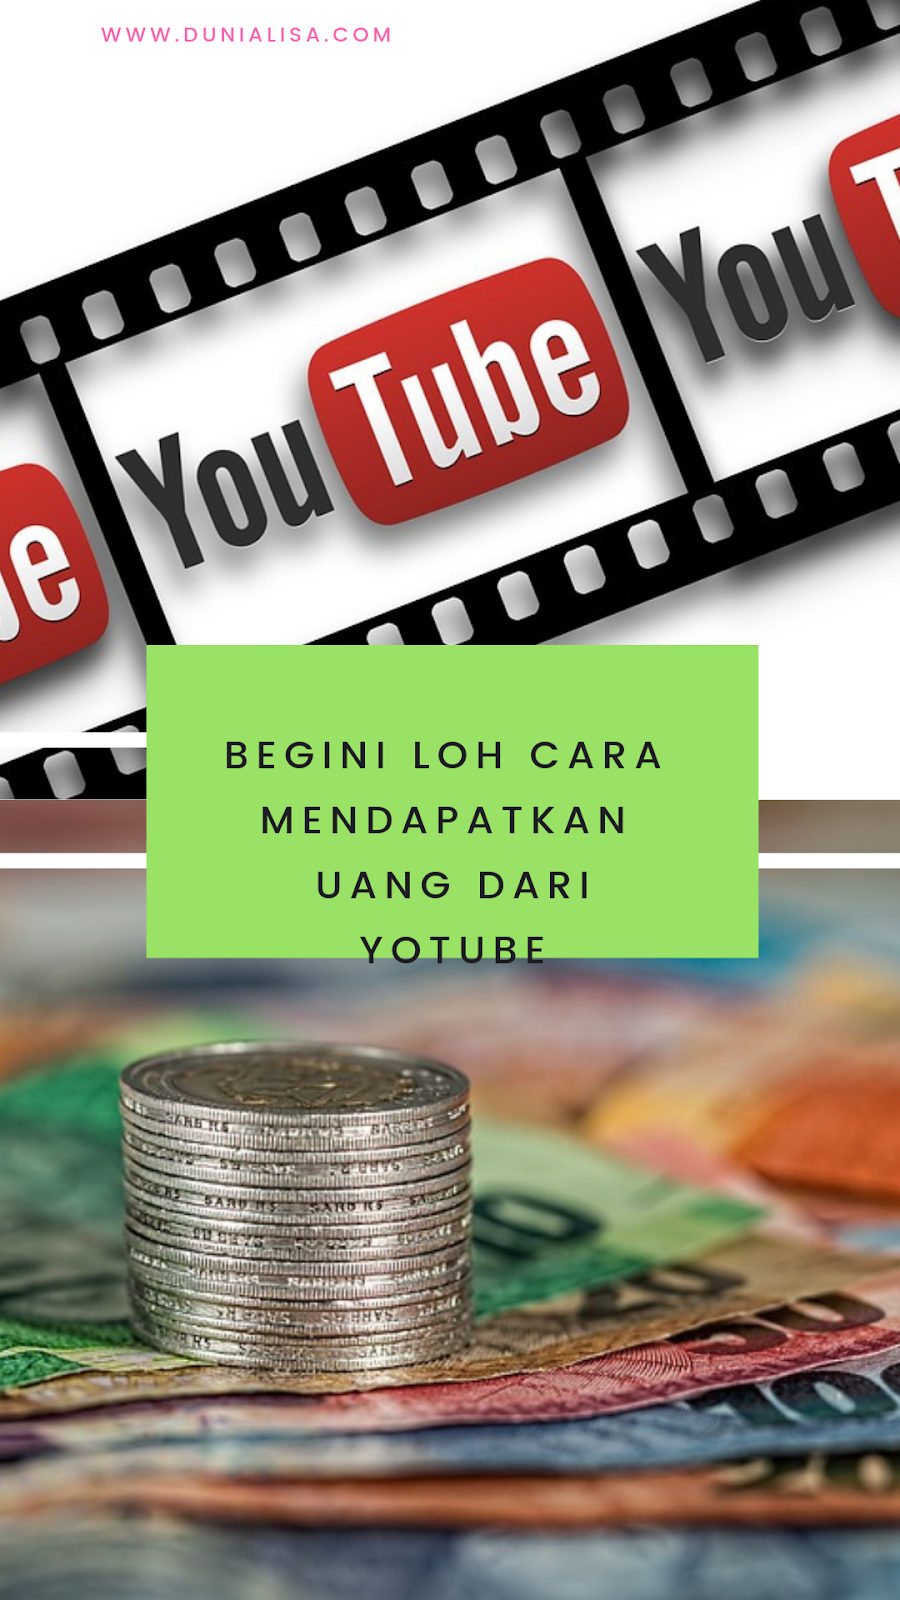 Begini Loh Cara Mendapatkan Uang Dari Youtube | Dunia Lisa